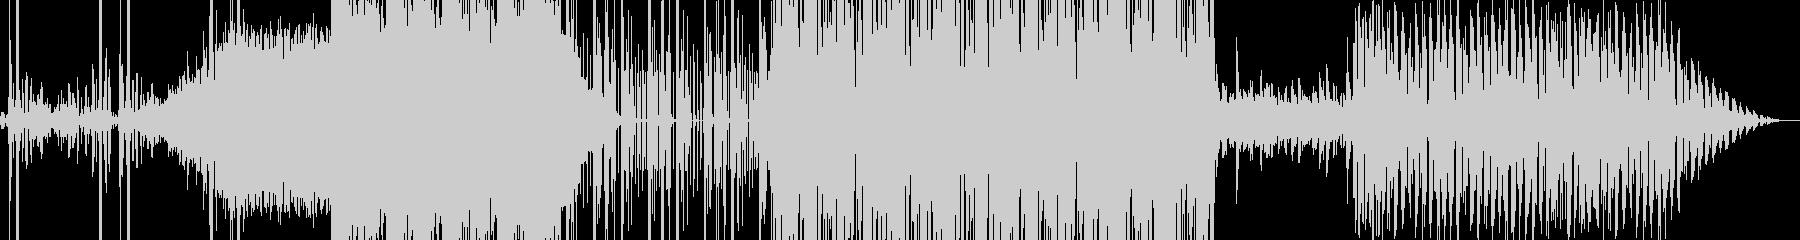 ノスタルジックでテンポのよい曲の未再生の波形